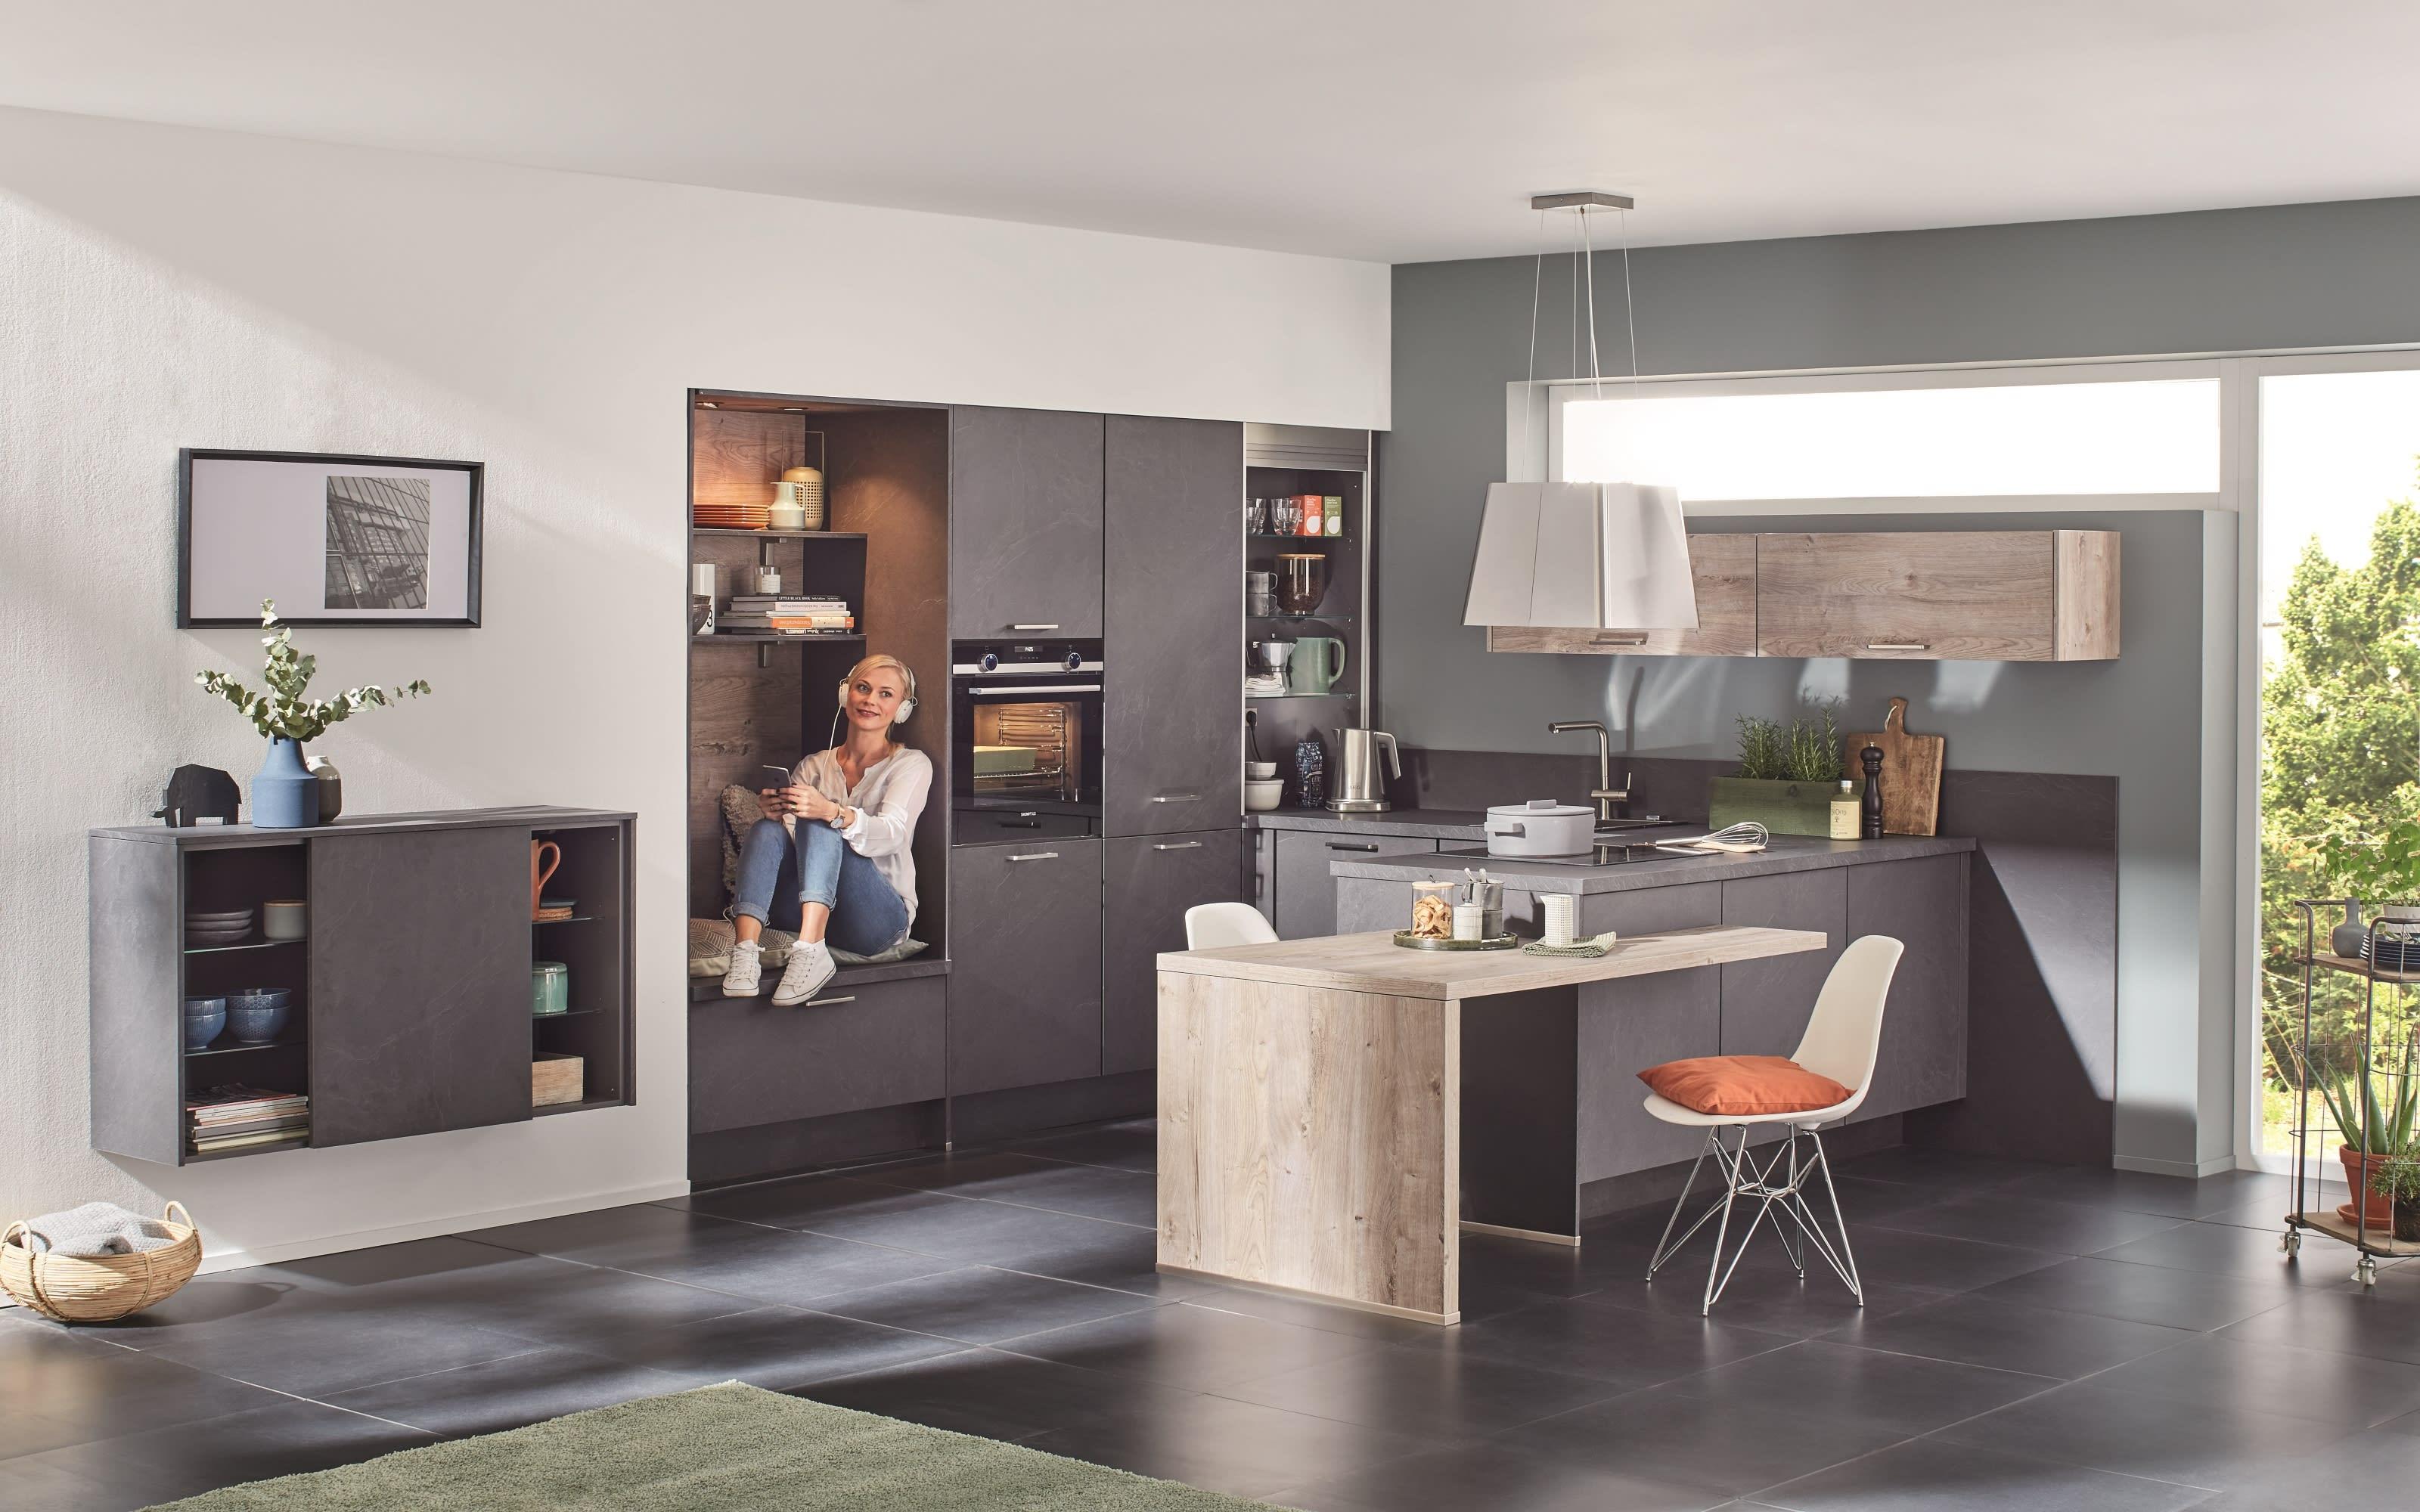 Einbauküche StoneArt, grauschiefer, inklusive Neff Elektrogeräte